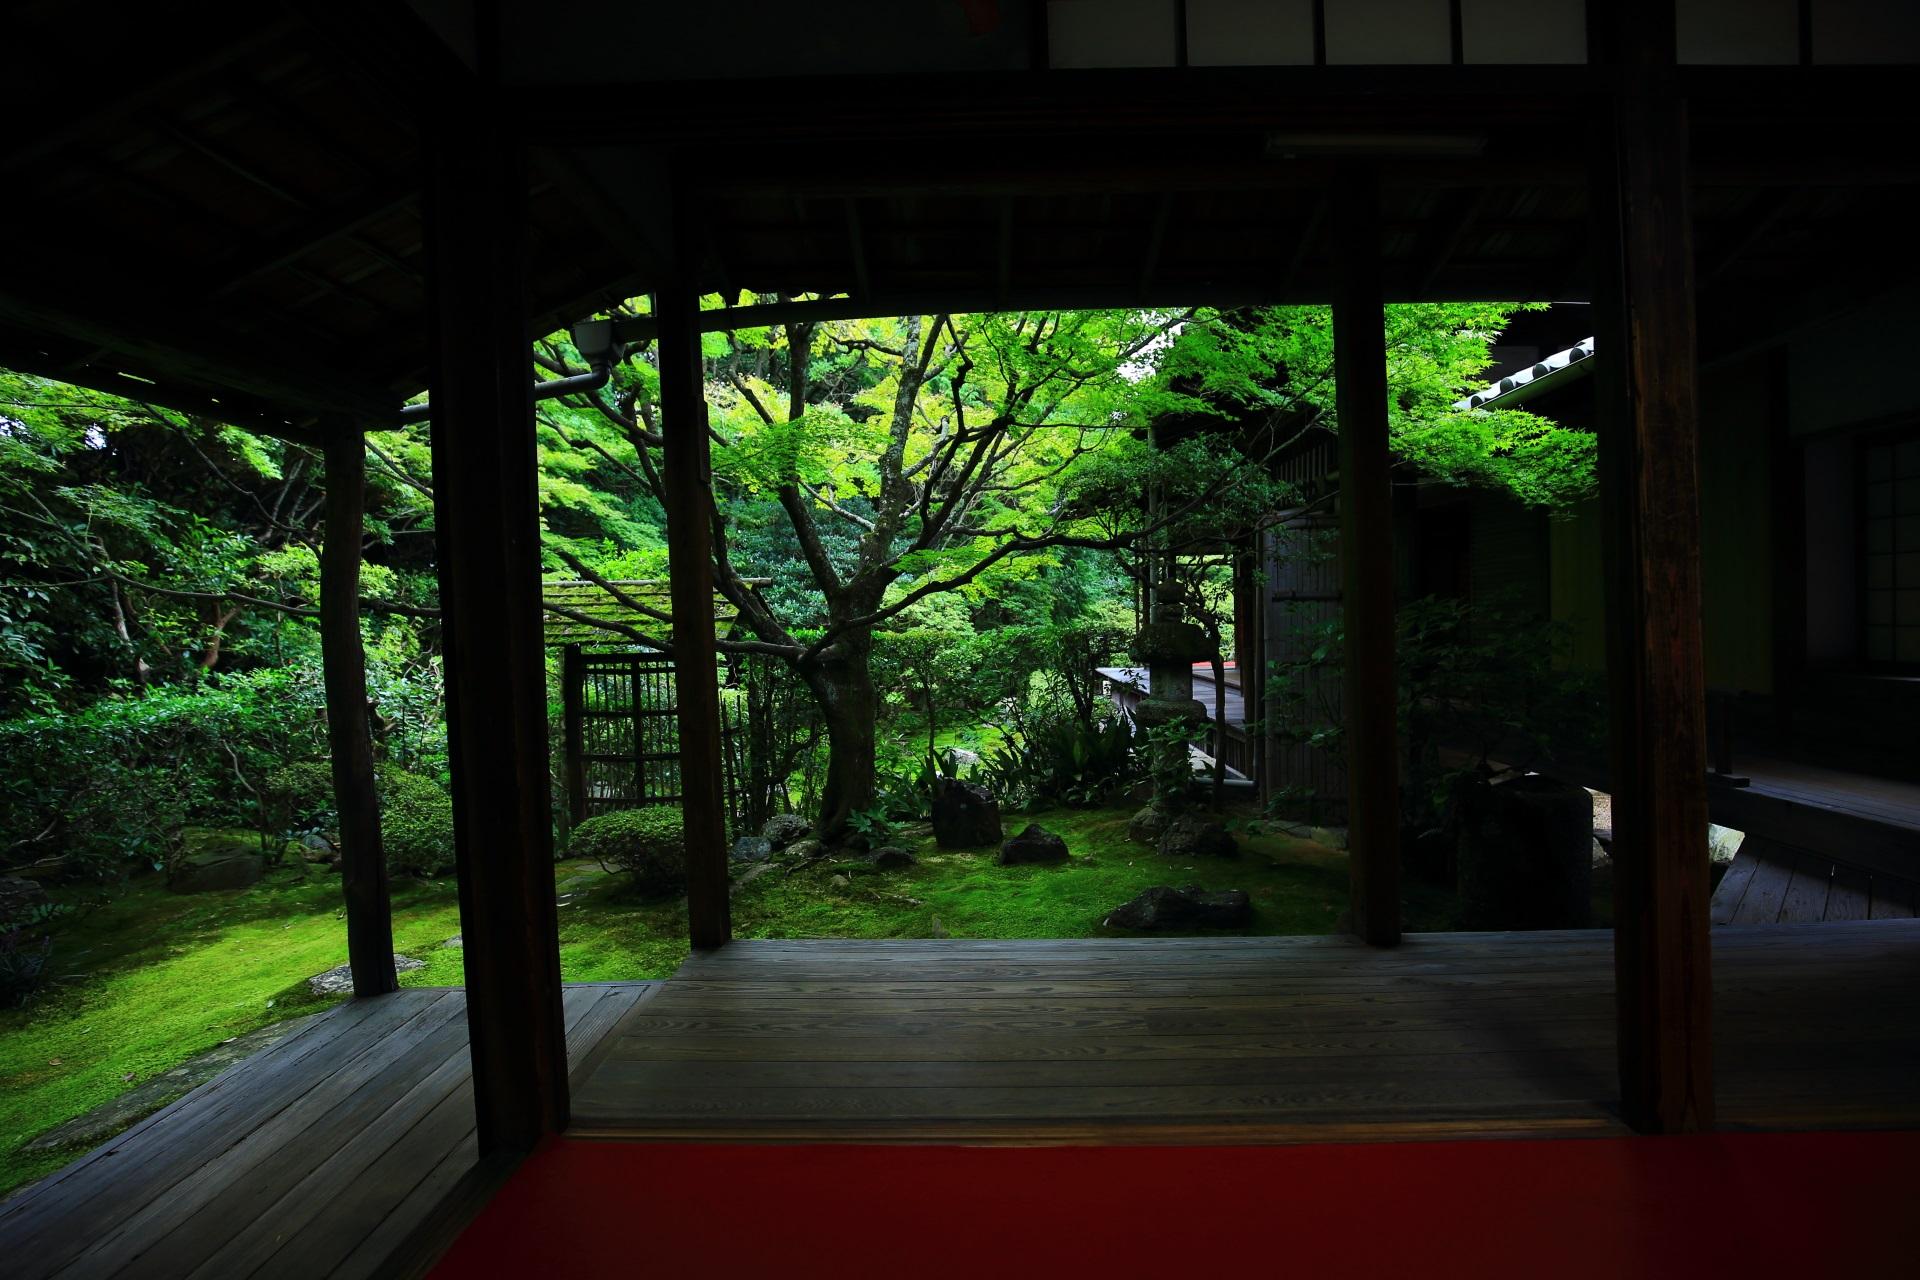 高画質 桂春院 写真 庭園